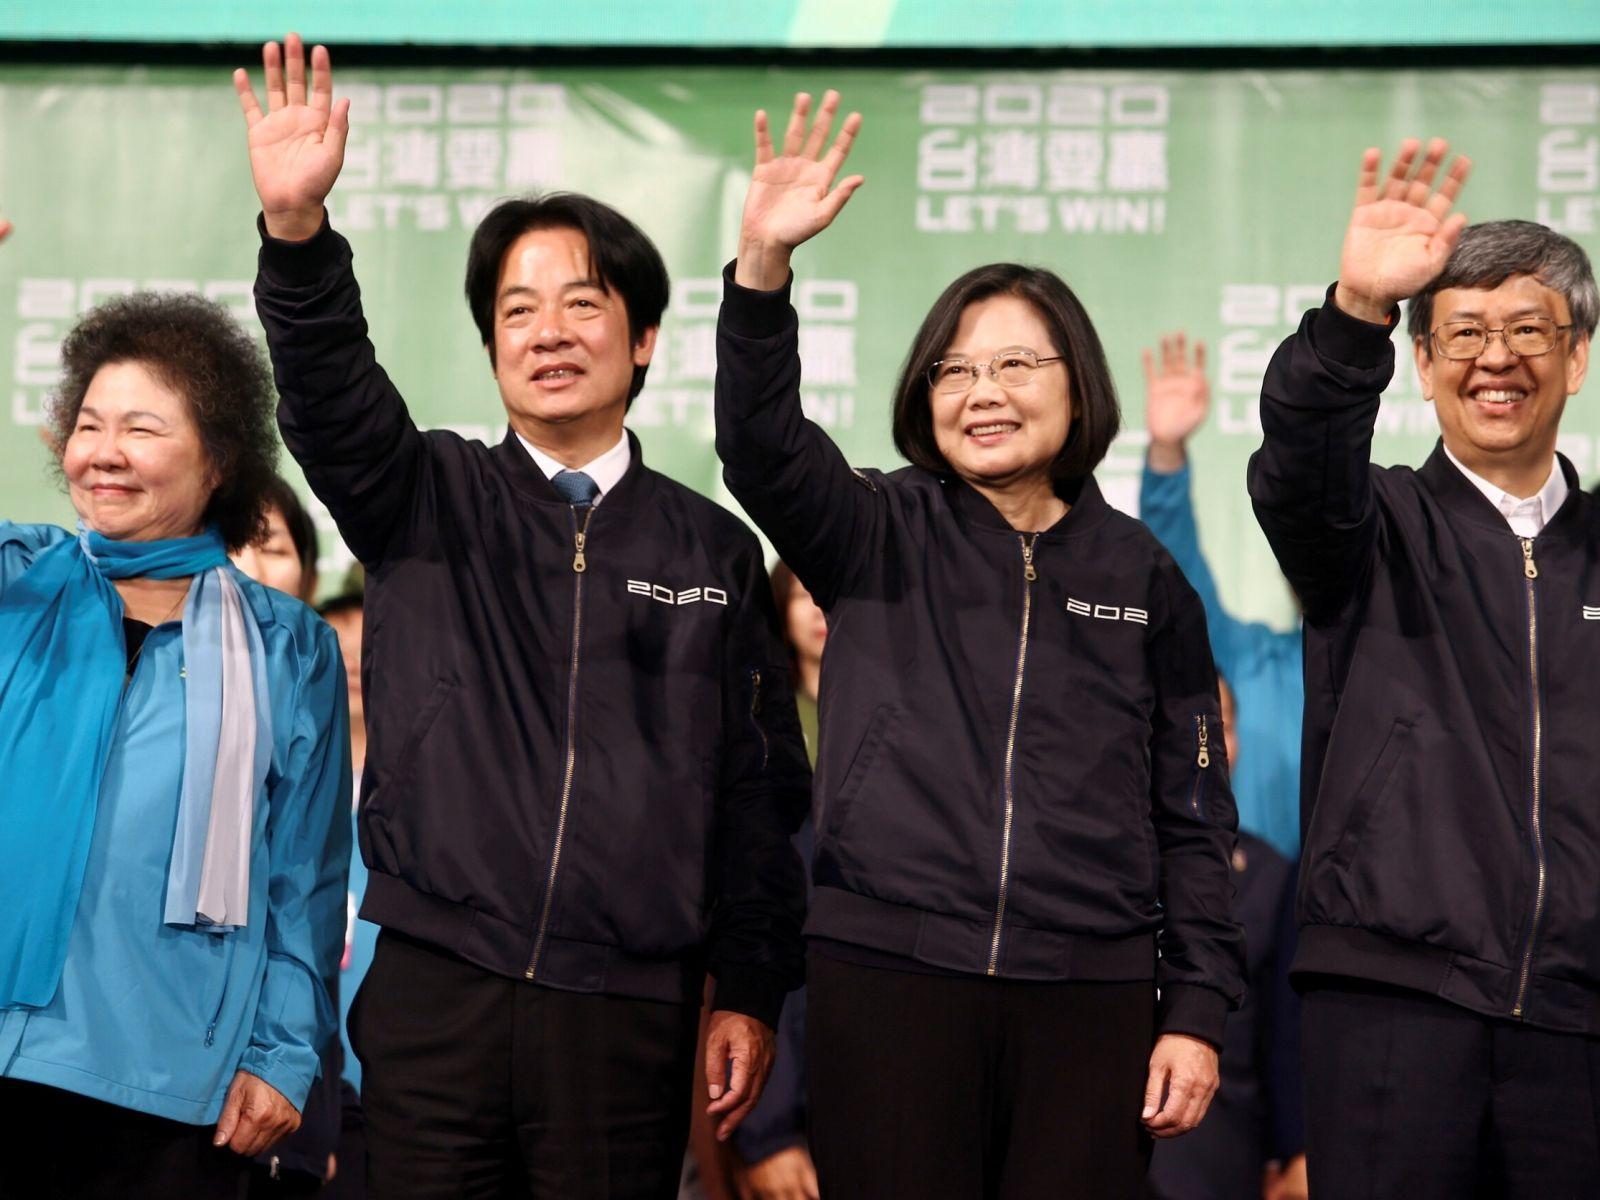 韓國瑜得票竟比朱立倫高!蔡英文大勝後,必須正視的4個隱憂